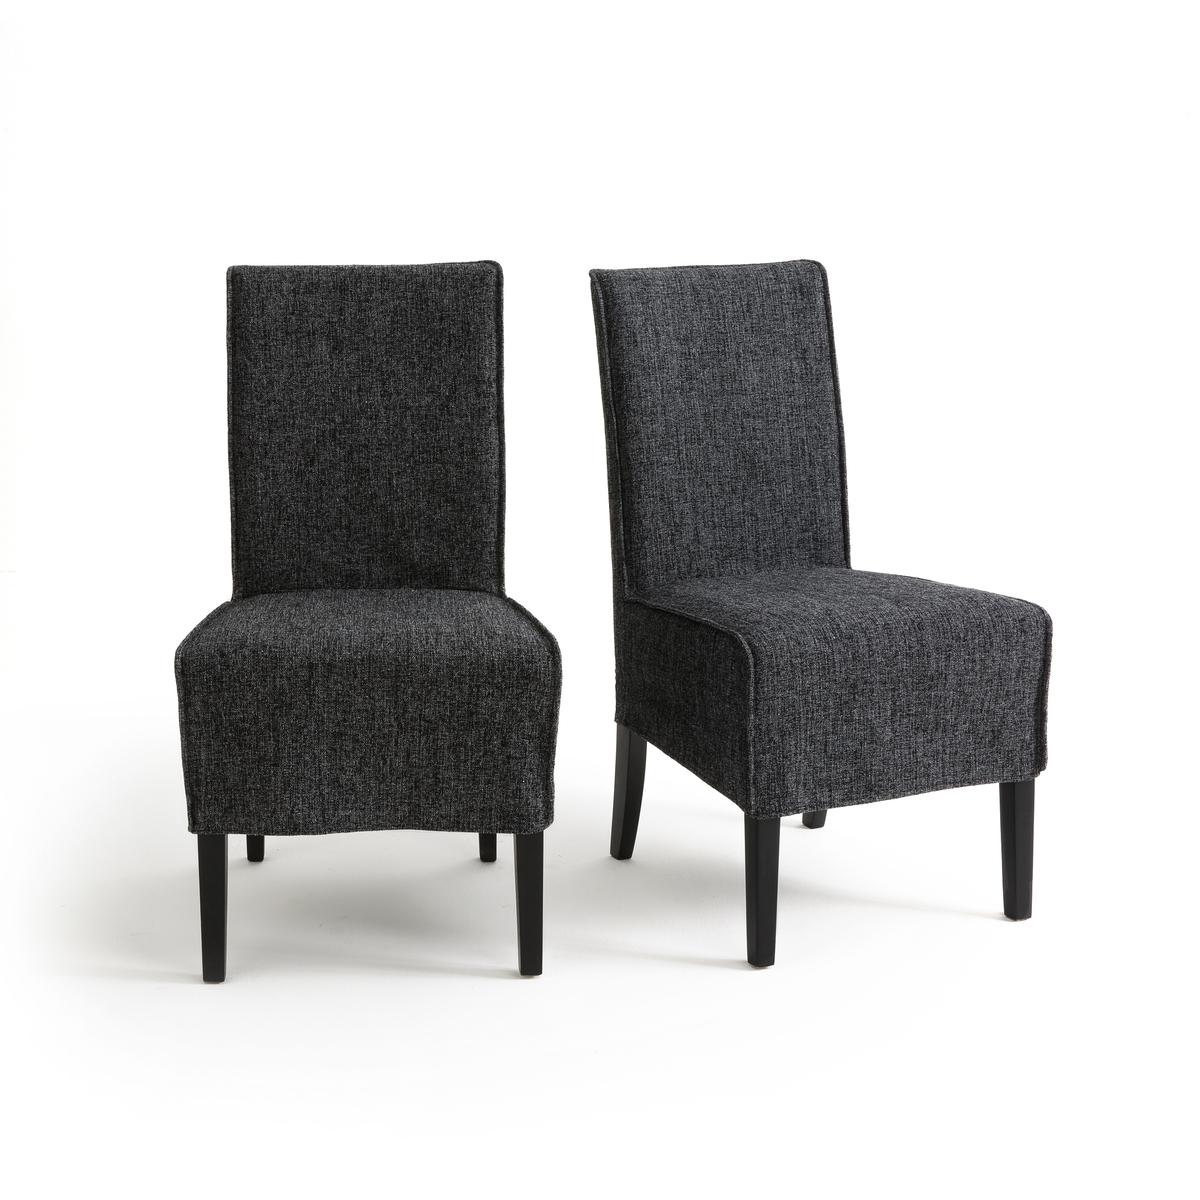 Стул со съемным чехлом HIBA (2 шт.)2 обеденных стула со съемными чехлами Hiba, стильные и элегантные .Характеристики 2 стульев со съемными чехлами Hiba :Каркас из массива сосны и фанеры.Ножки из массива сосны с покрытием черной полуматовой краской и нитроцеллюлозным лаком. Наполнитель из полиуретановой пены (плотность сидения 28 кг/м?, спинки 24 кг/м?).Подвеска из перекрещенных ремней.Тканевая меланжевая обивка цвета серый антрацит, 100% полиэстер. Для оптимального качества и устойчивости рекомендуется затянуть болты. Размеры 2 стульев со съемными чехлами Hiba :Общие :Ширина 52  смВысота 95 смГлубина 62 смСиденье :Высота 46 смДоставка :Стулья Hiba доставляются в разобранном виде. Возможна доставка до квартиры по предварительному согласованию !Внимание ! Убедитесь, что дверные, лестничные и лифтовые проемы позволяют осуществить доставку коробки таких габаритов.Размеры и вес упаковки:1 коробкаШ.100 x Г.30 x В.47 см Вес : 9,6 кг<br><br>Цвет: антрацит